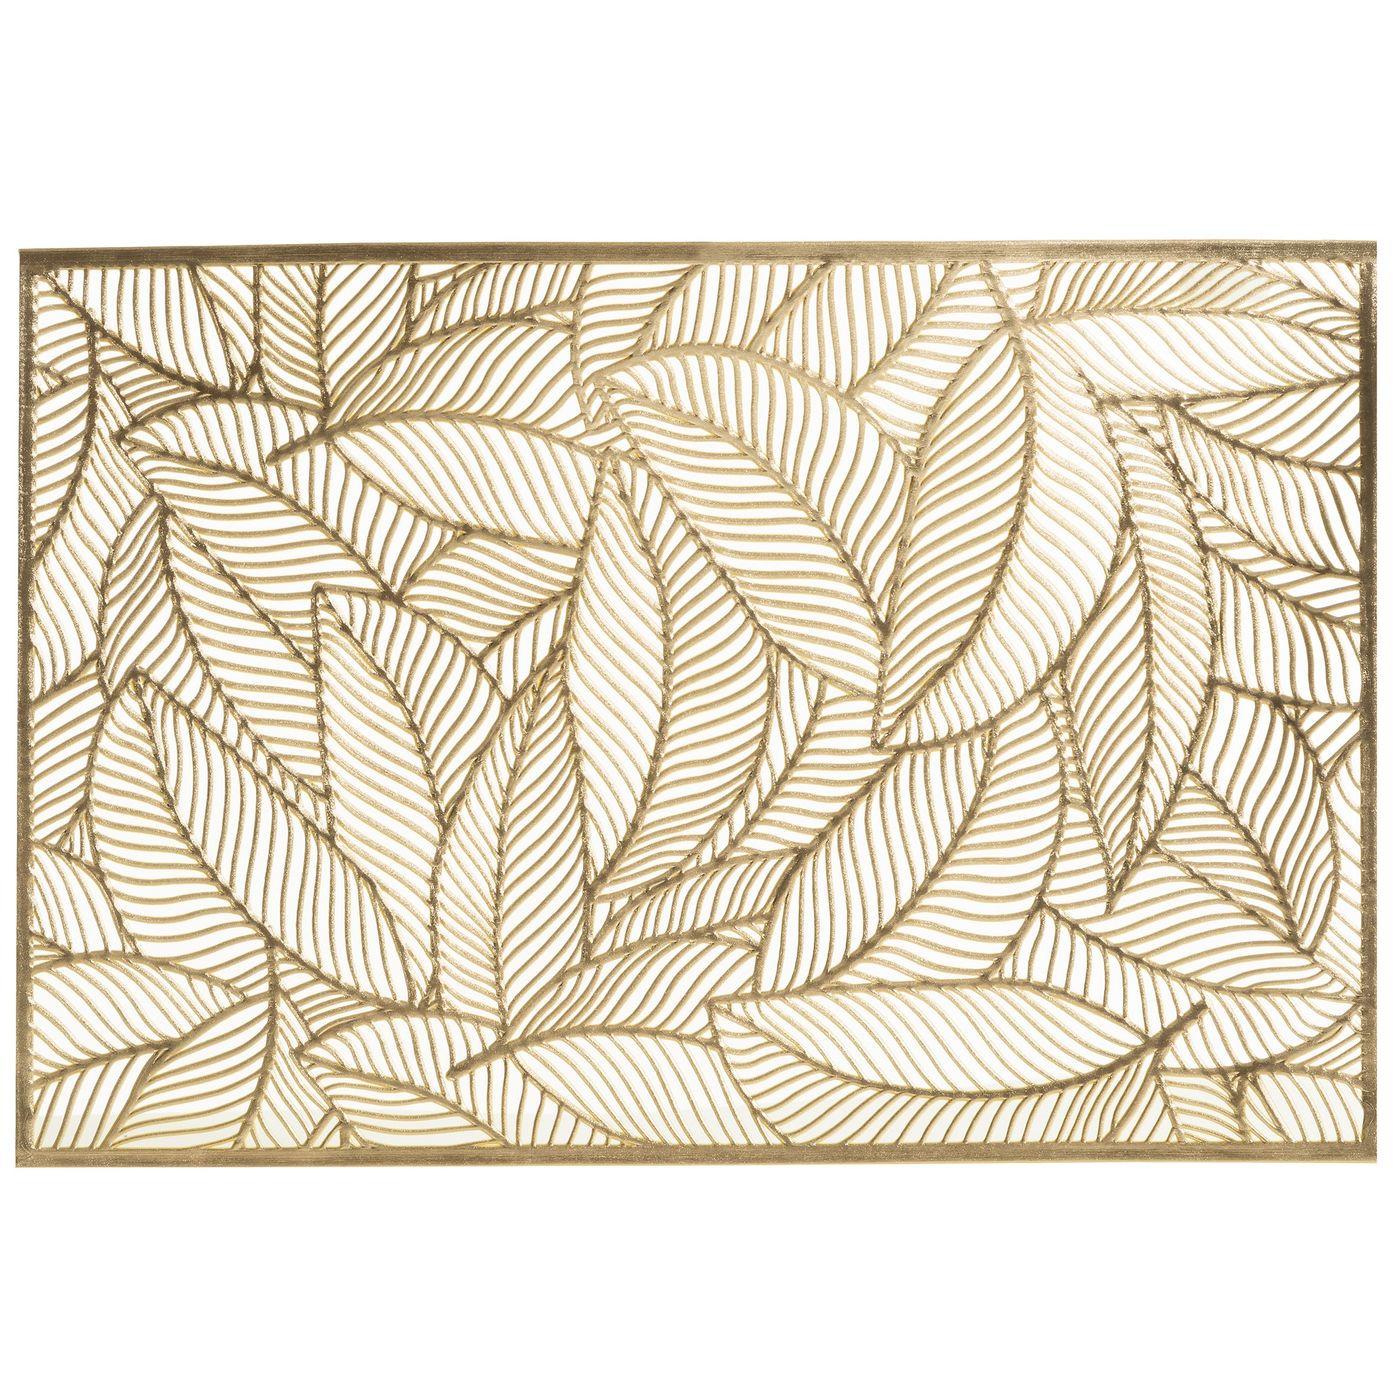 Ażurowa podkładka stołowa złote liście palmowe 30x45 cm